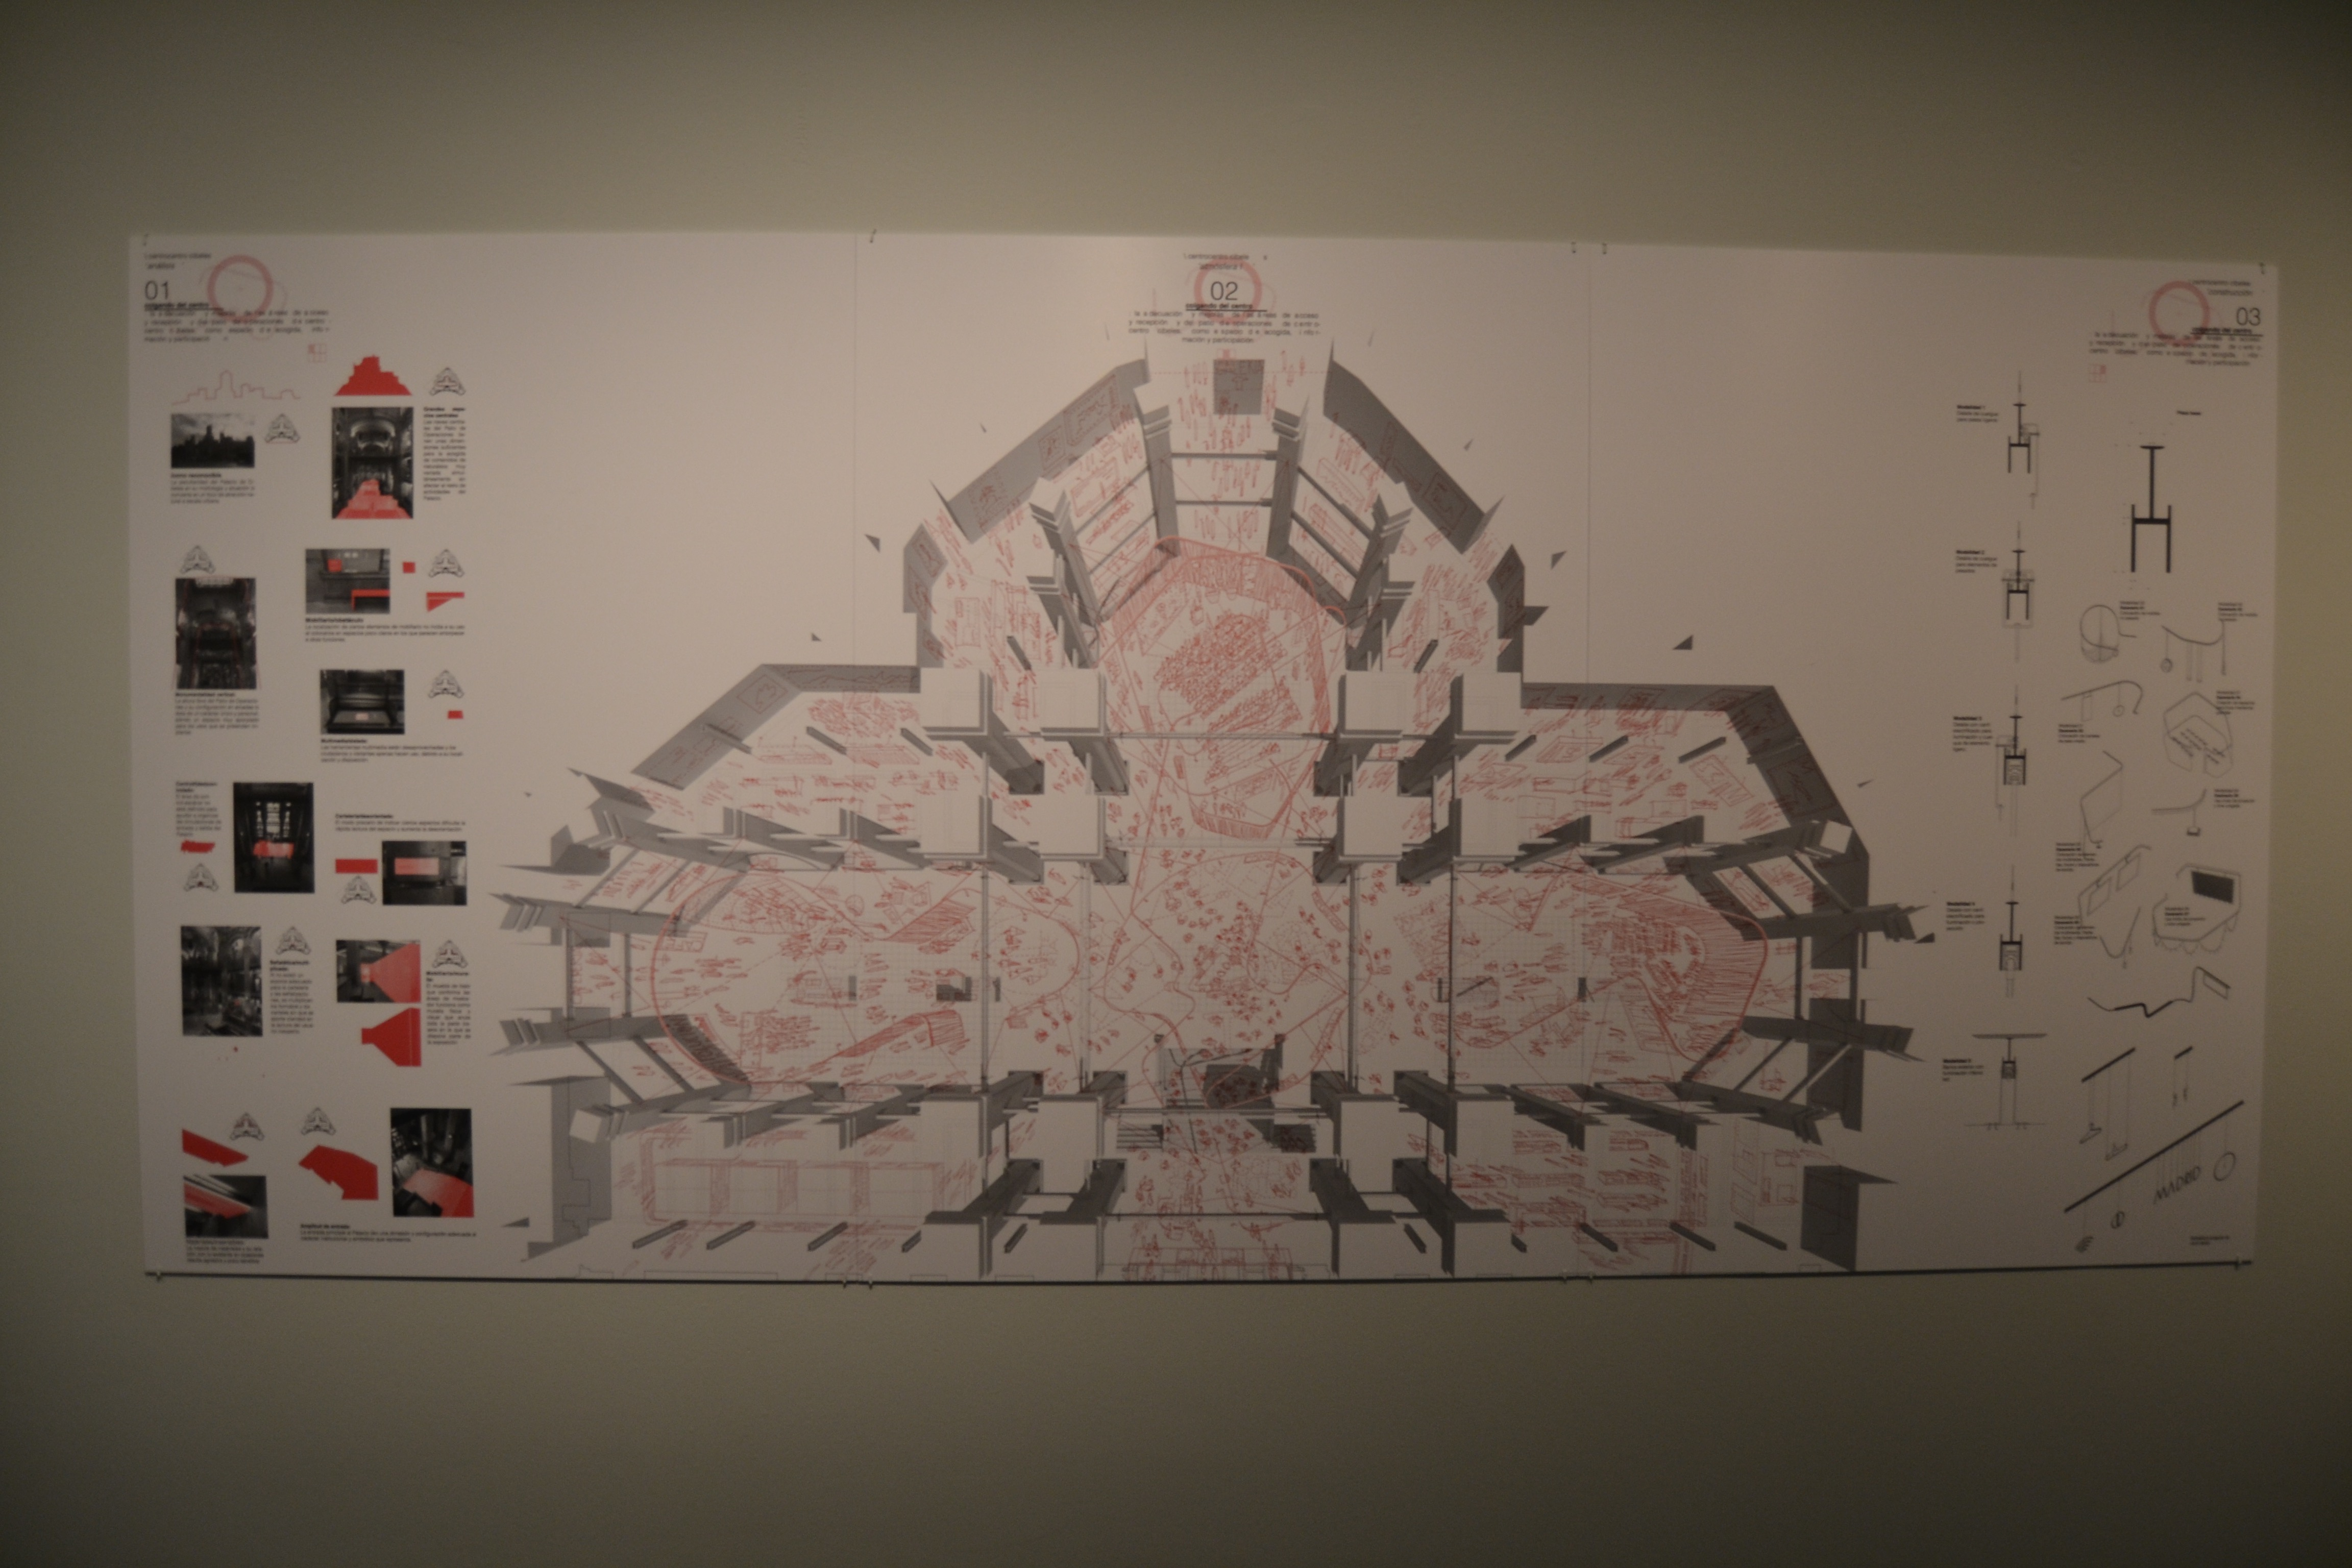 Vista en planta del proyecto ganador. (Foto. OKDIARIO)